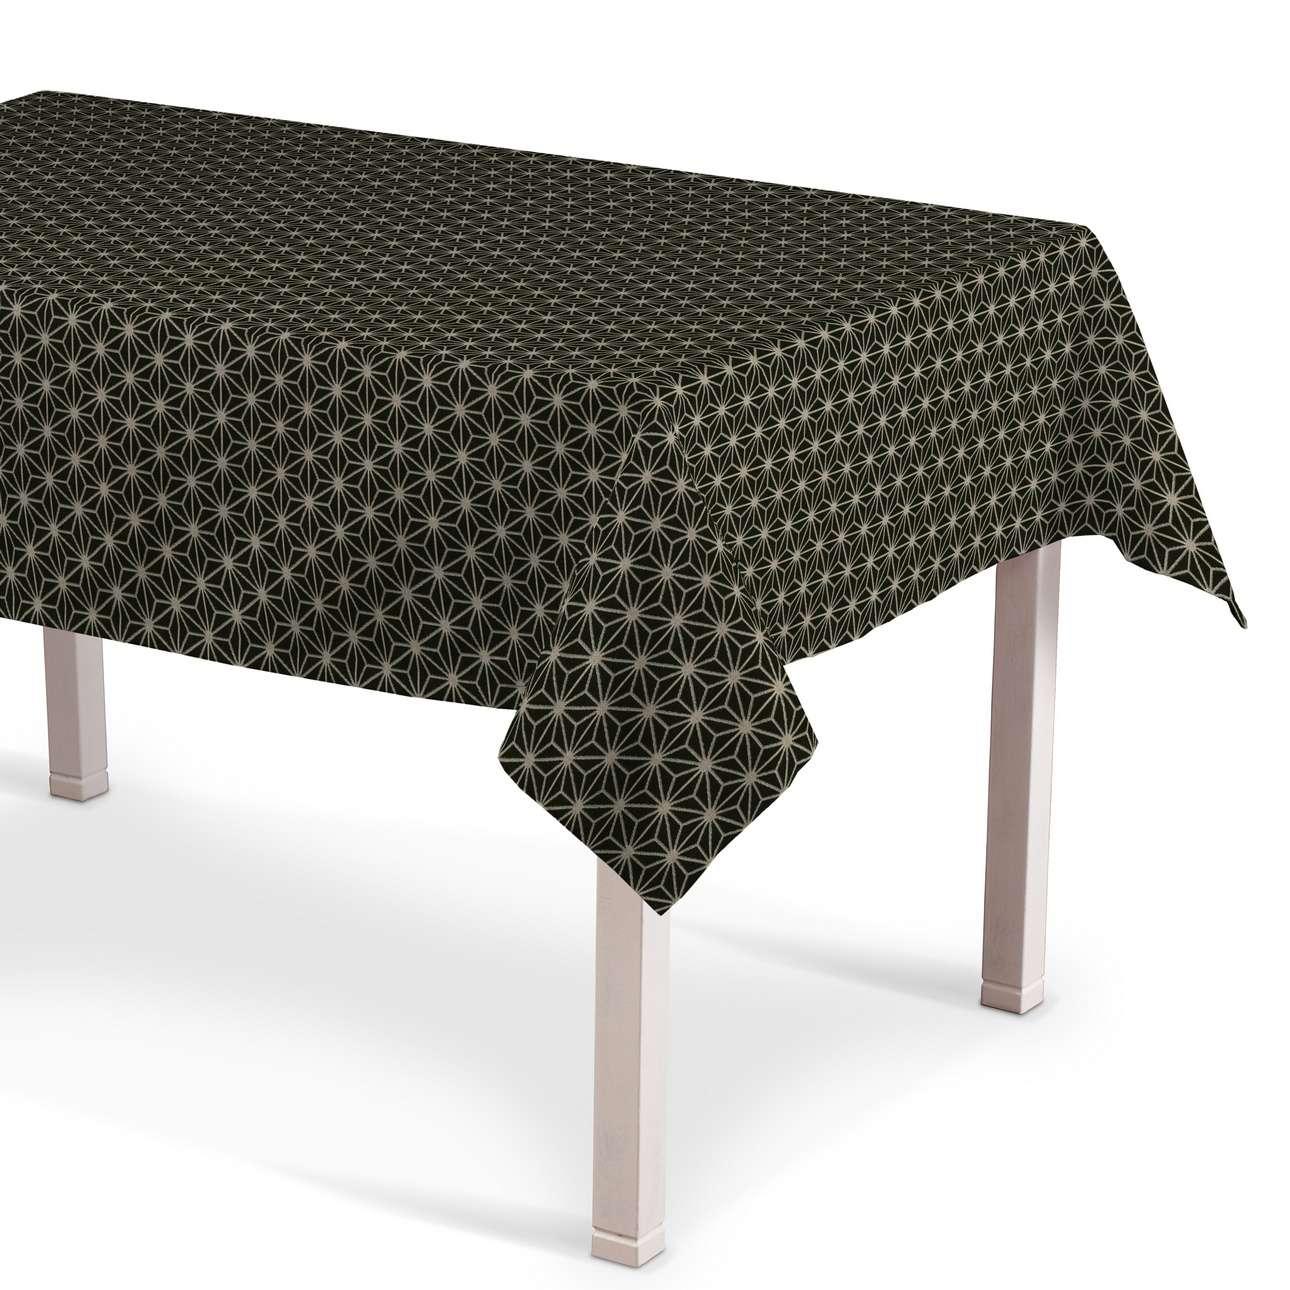 Rektangulære borddug fra kollektionen Black & White, Stof: 142-56